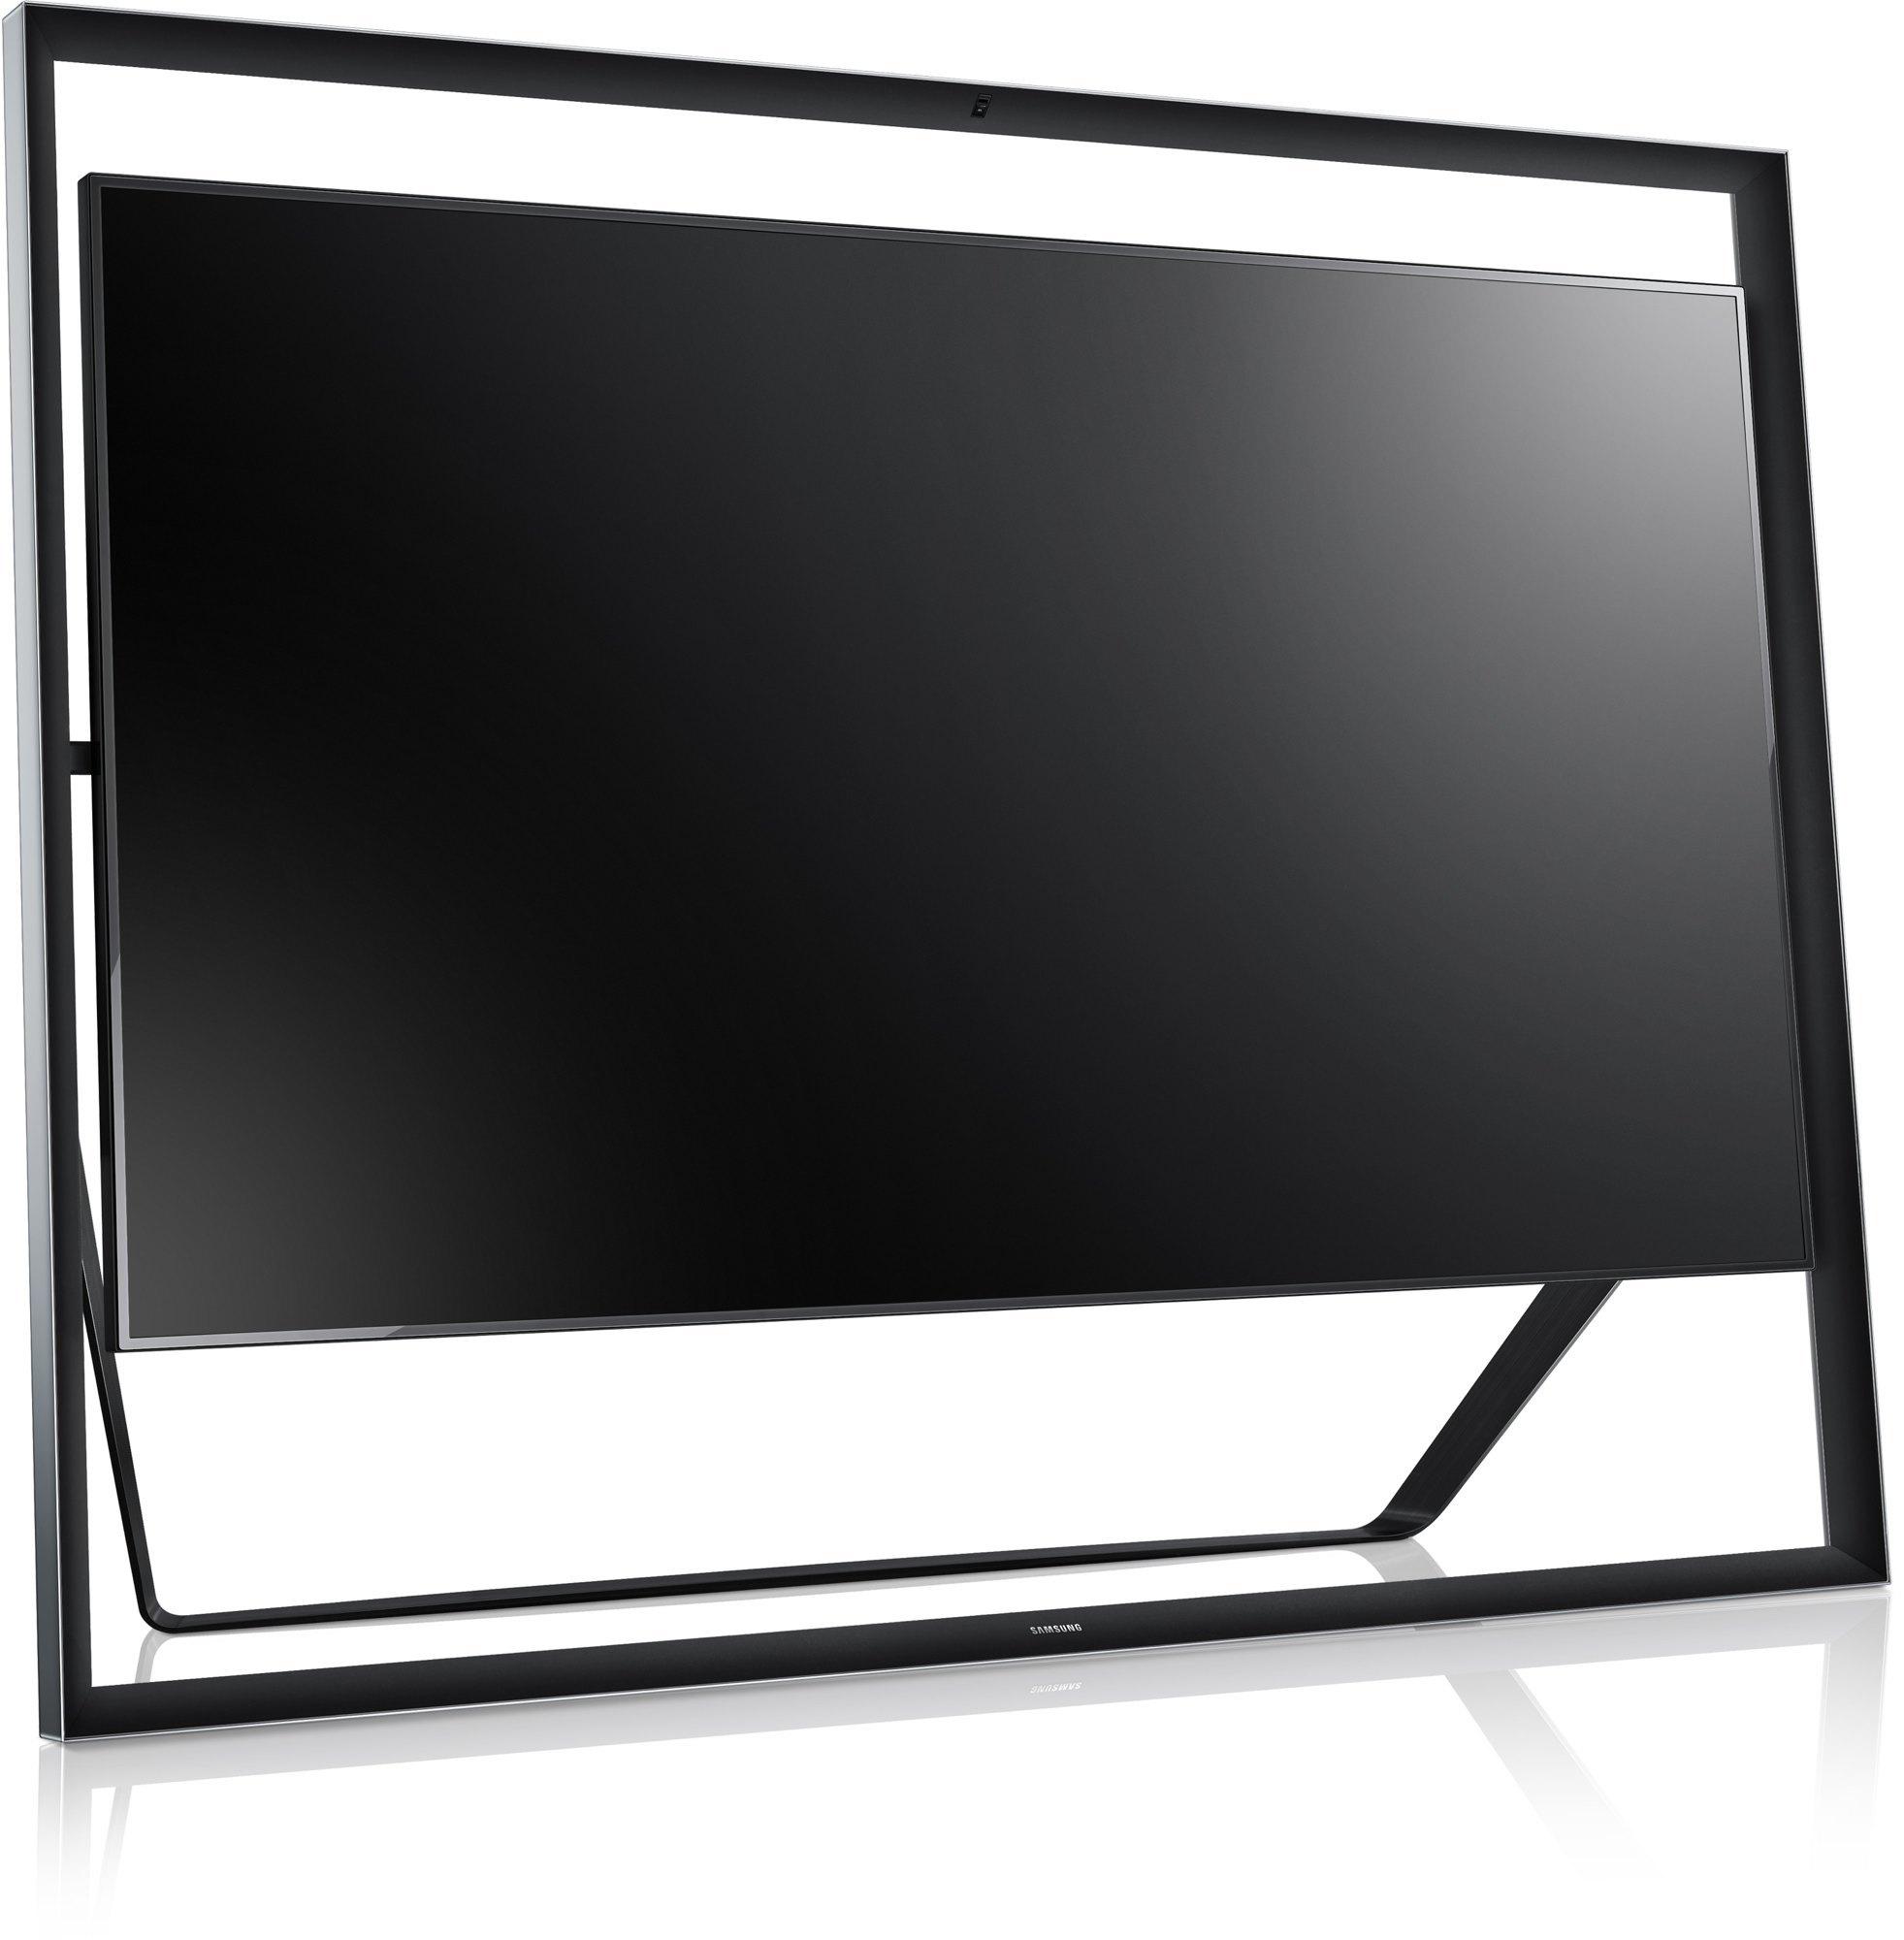 Samsung S9000 44